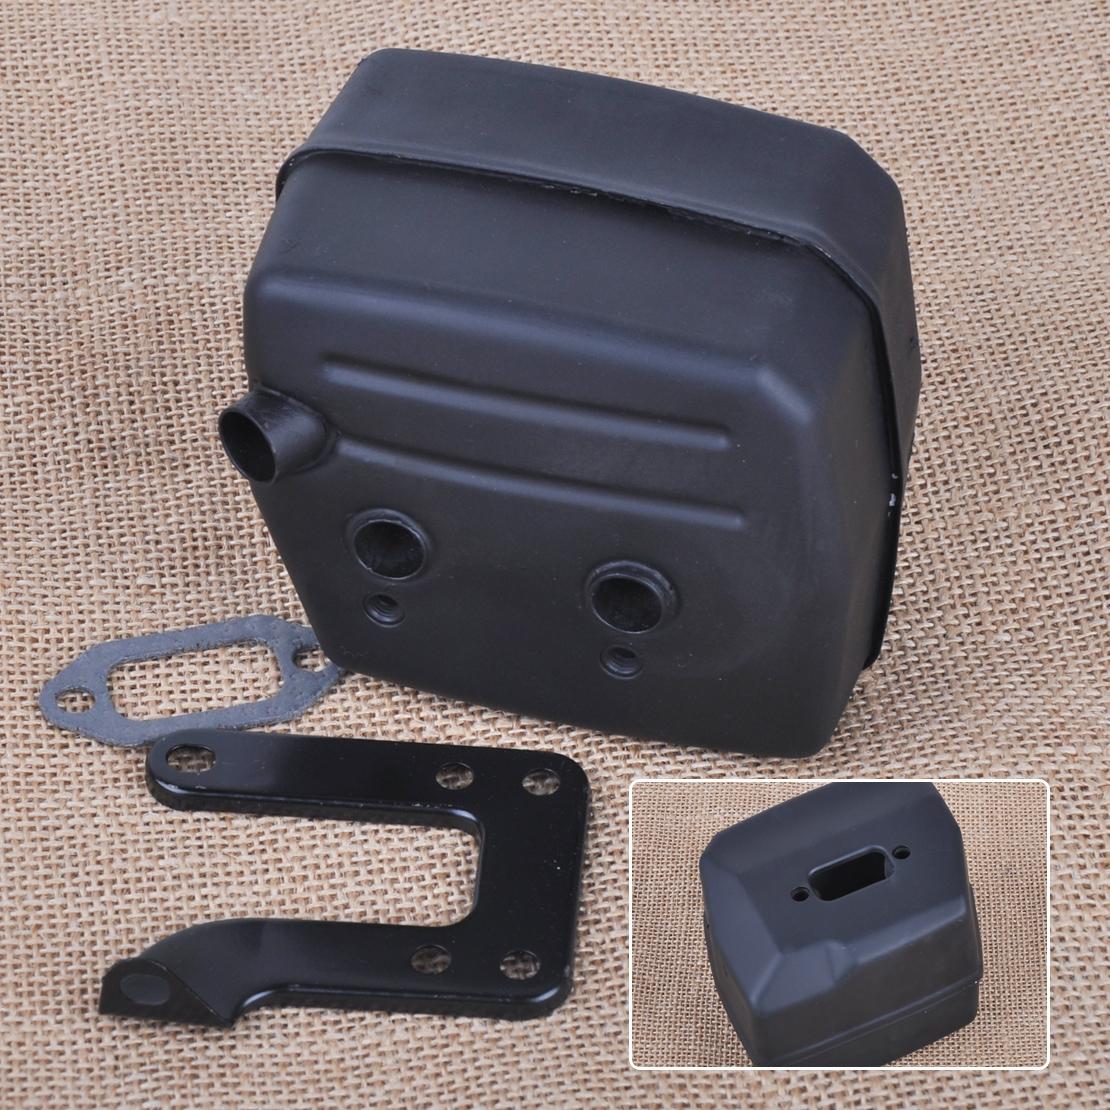 New Muffler With Bracket Fits Husqvarna 61 266 268 272 Fits OEM 503 47 69-01